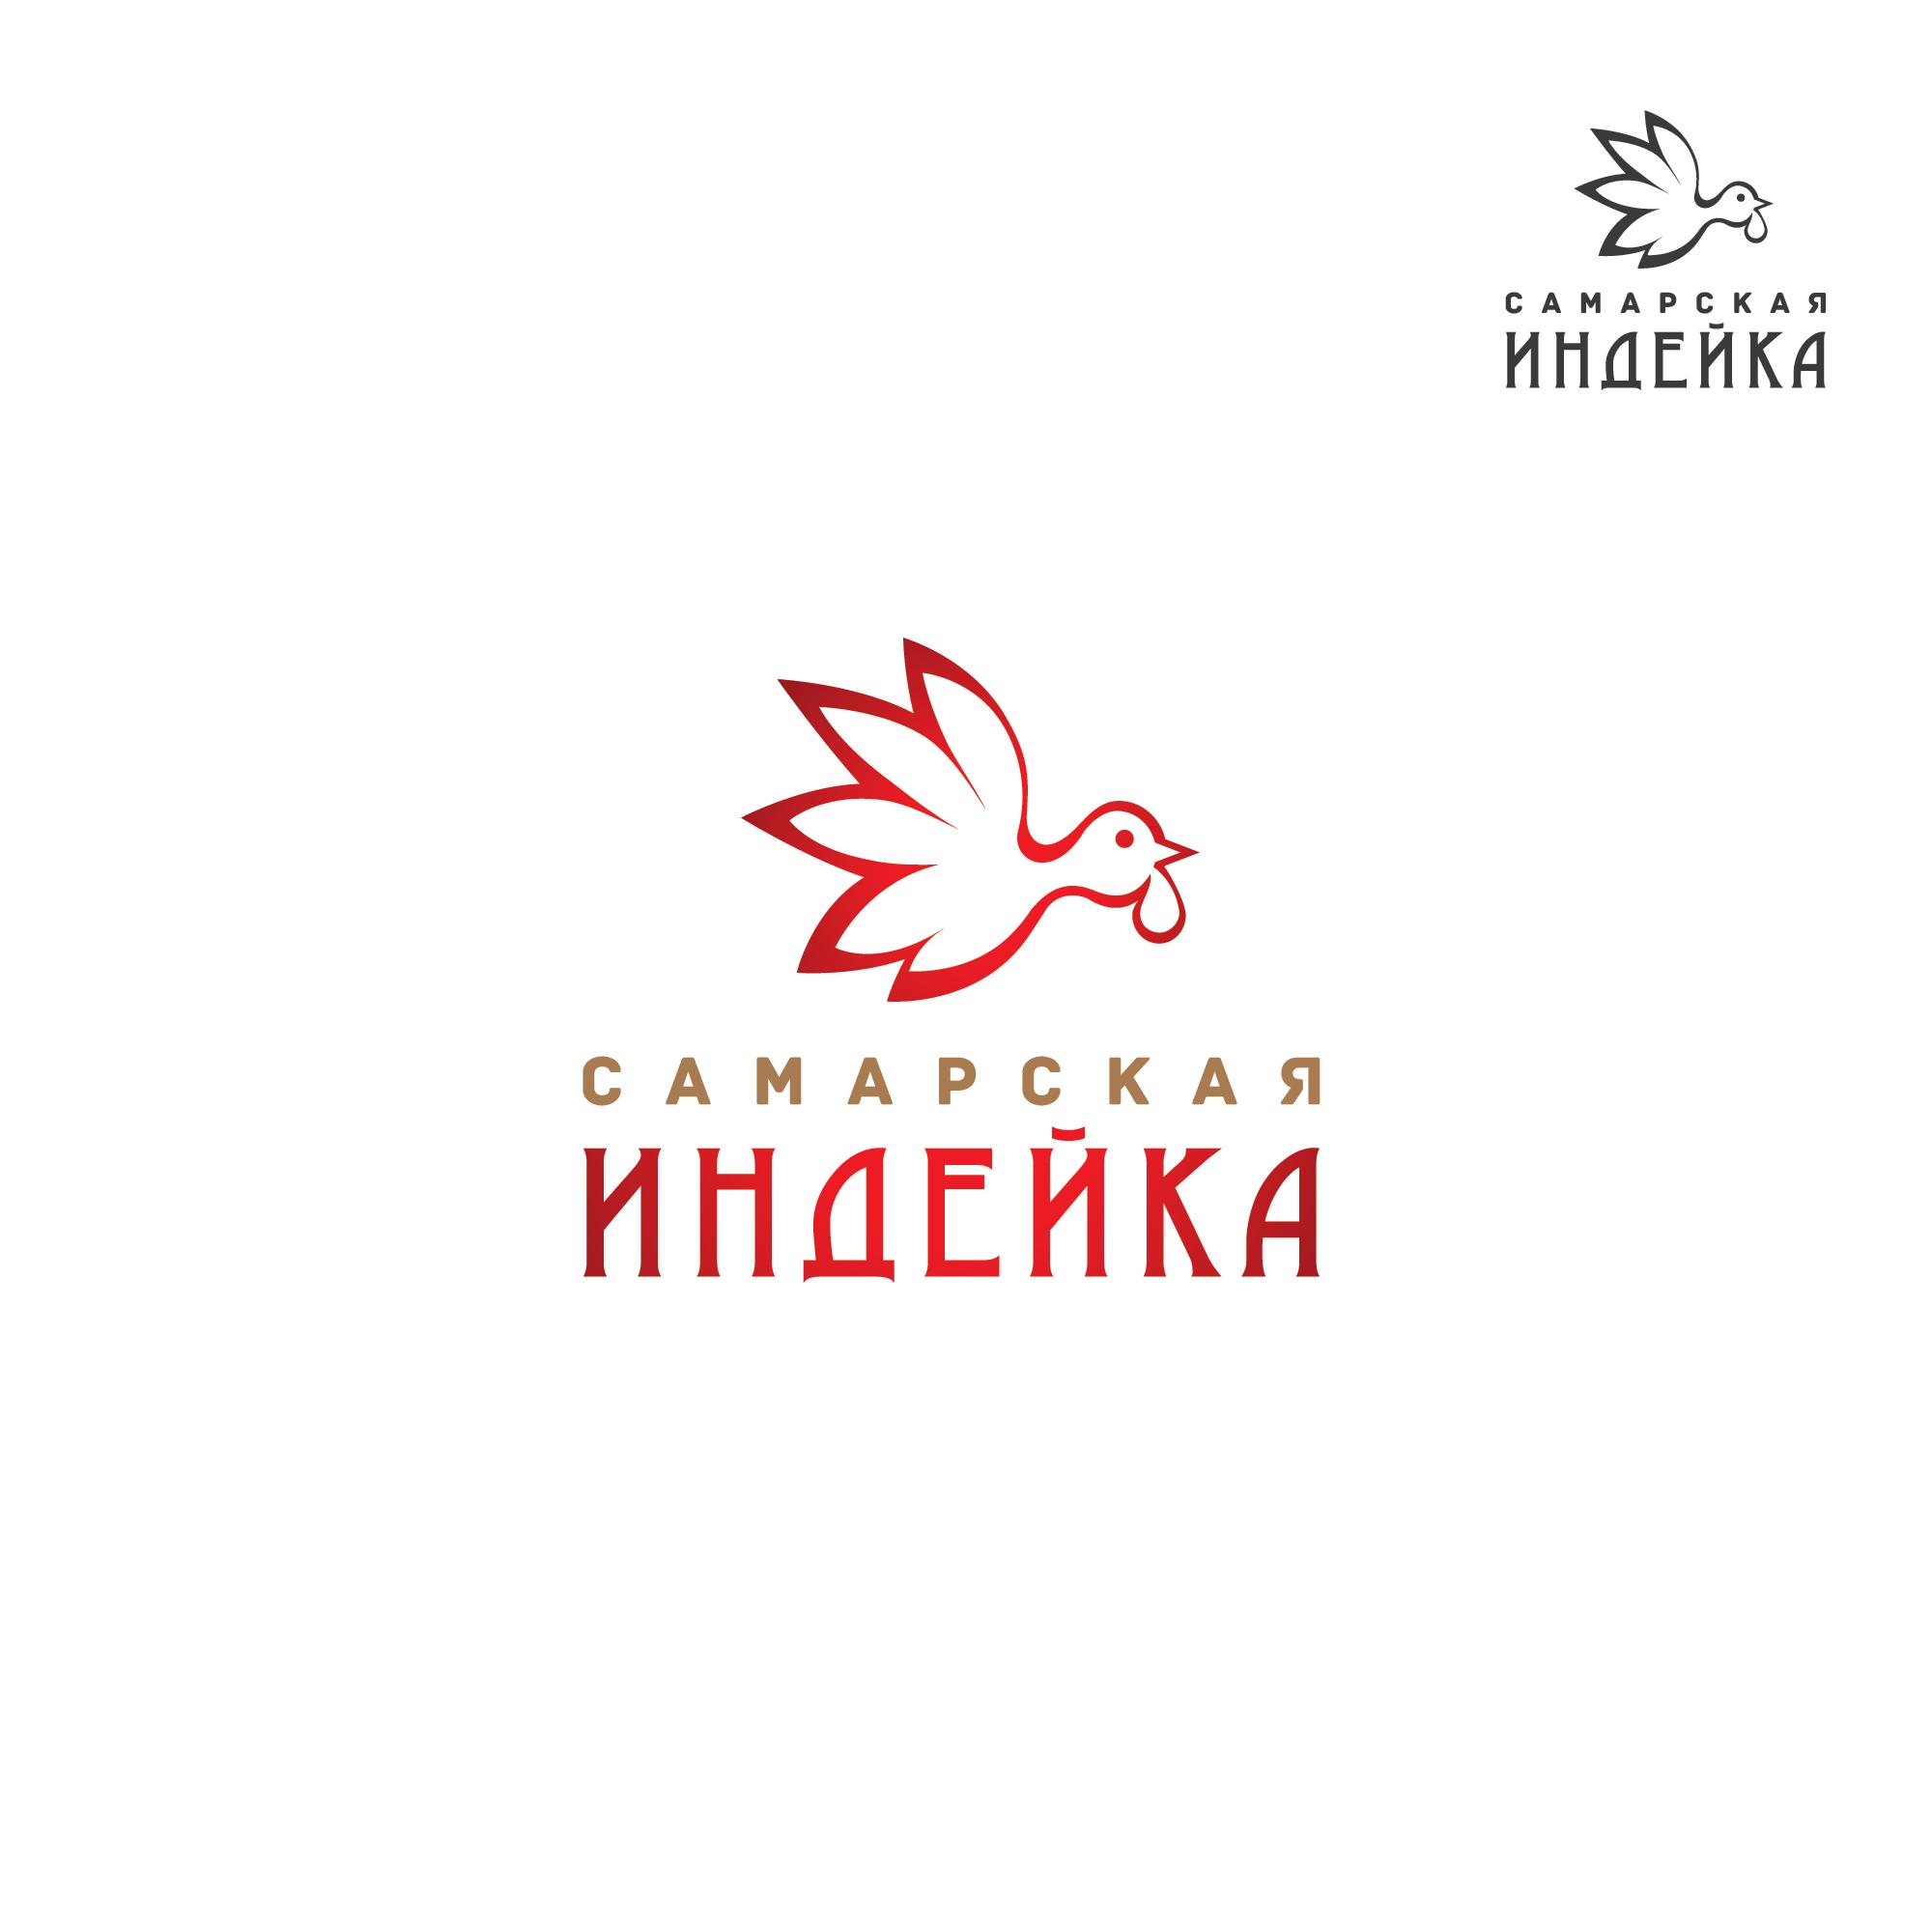 Создание логотипа Сельхоз производителя фото f_78355df4d59c5d16.png